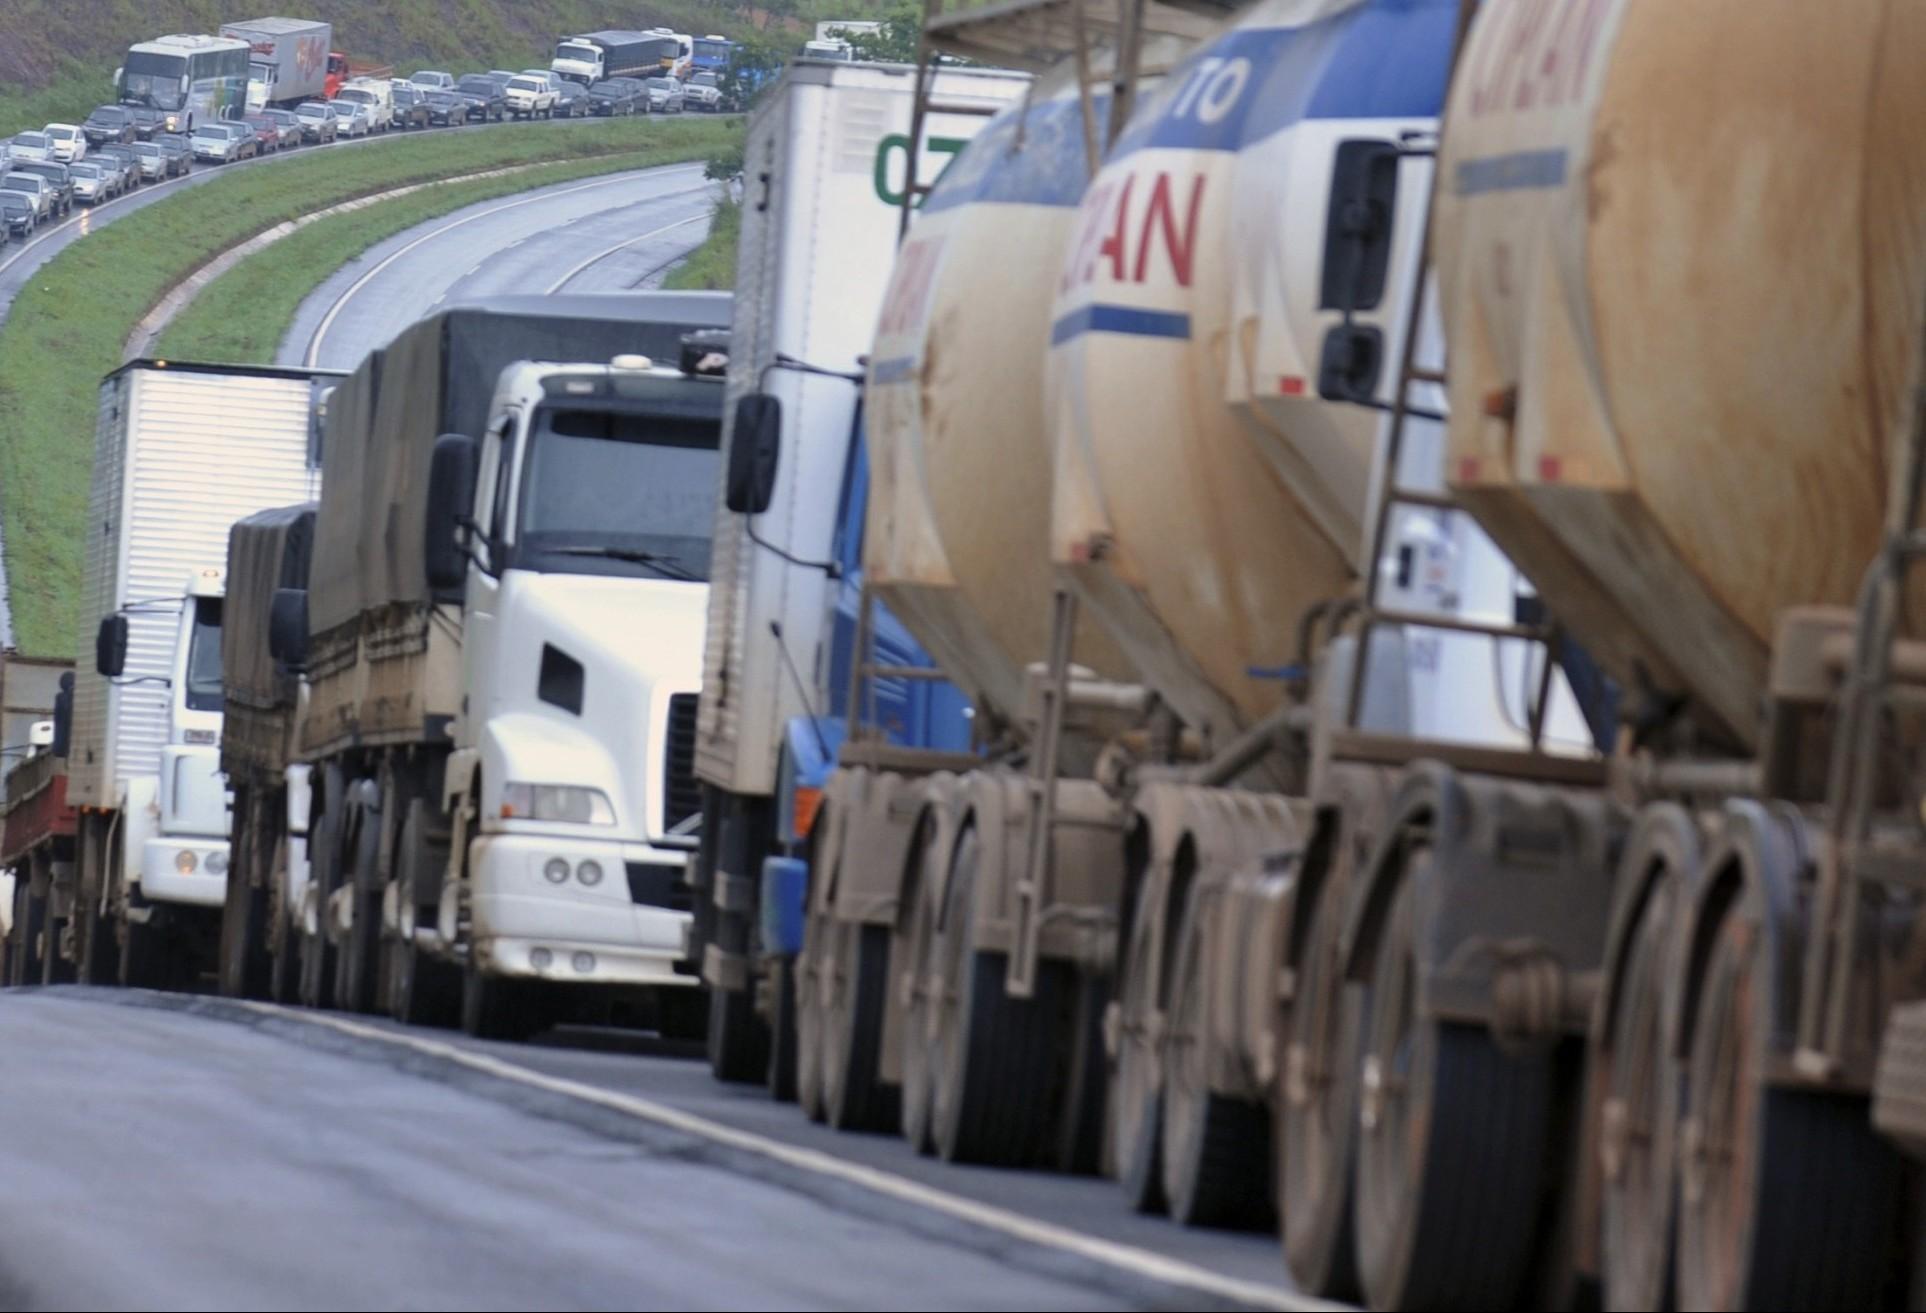 Greve dos caminhoneiros causa prejuízo de R$ 4,2 bilhões